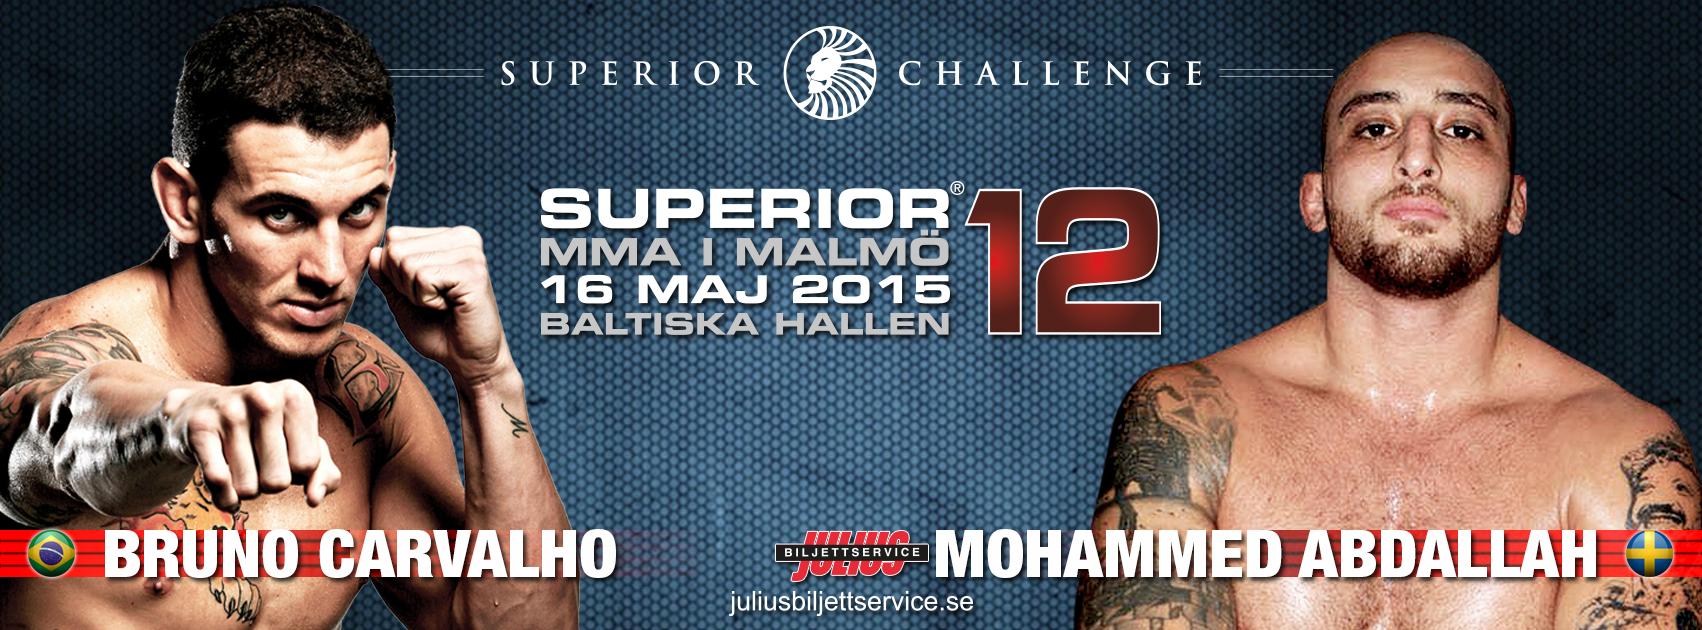 Boutpresentation-Superior-Challenge-12-Facebook-Header-Bruno-Carvalho-vs-Mohammed-Abdallah